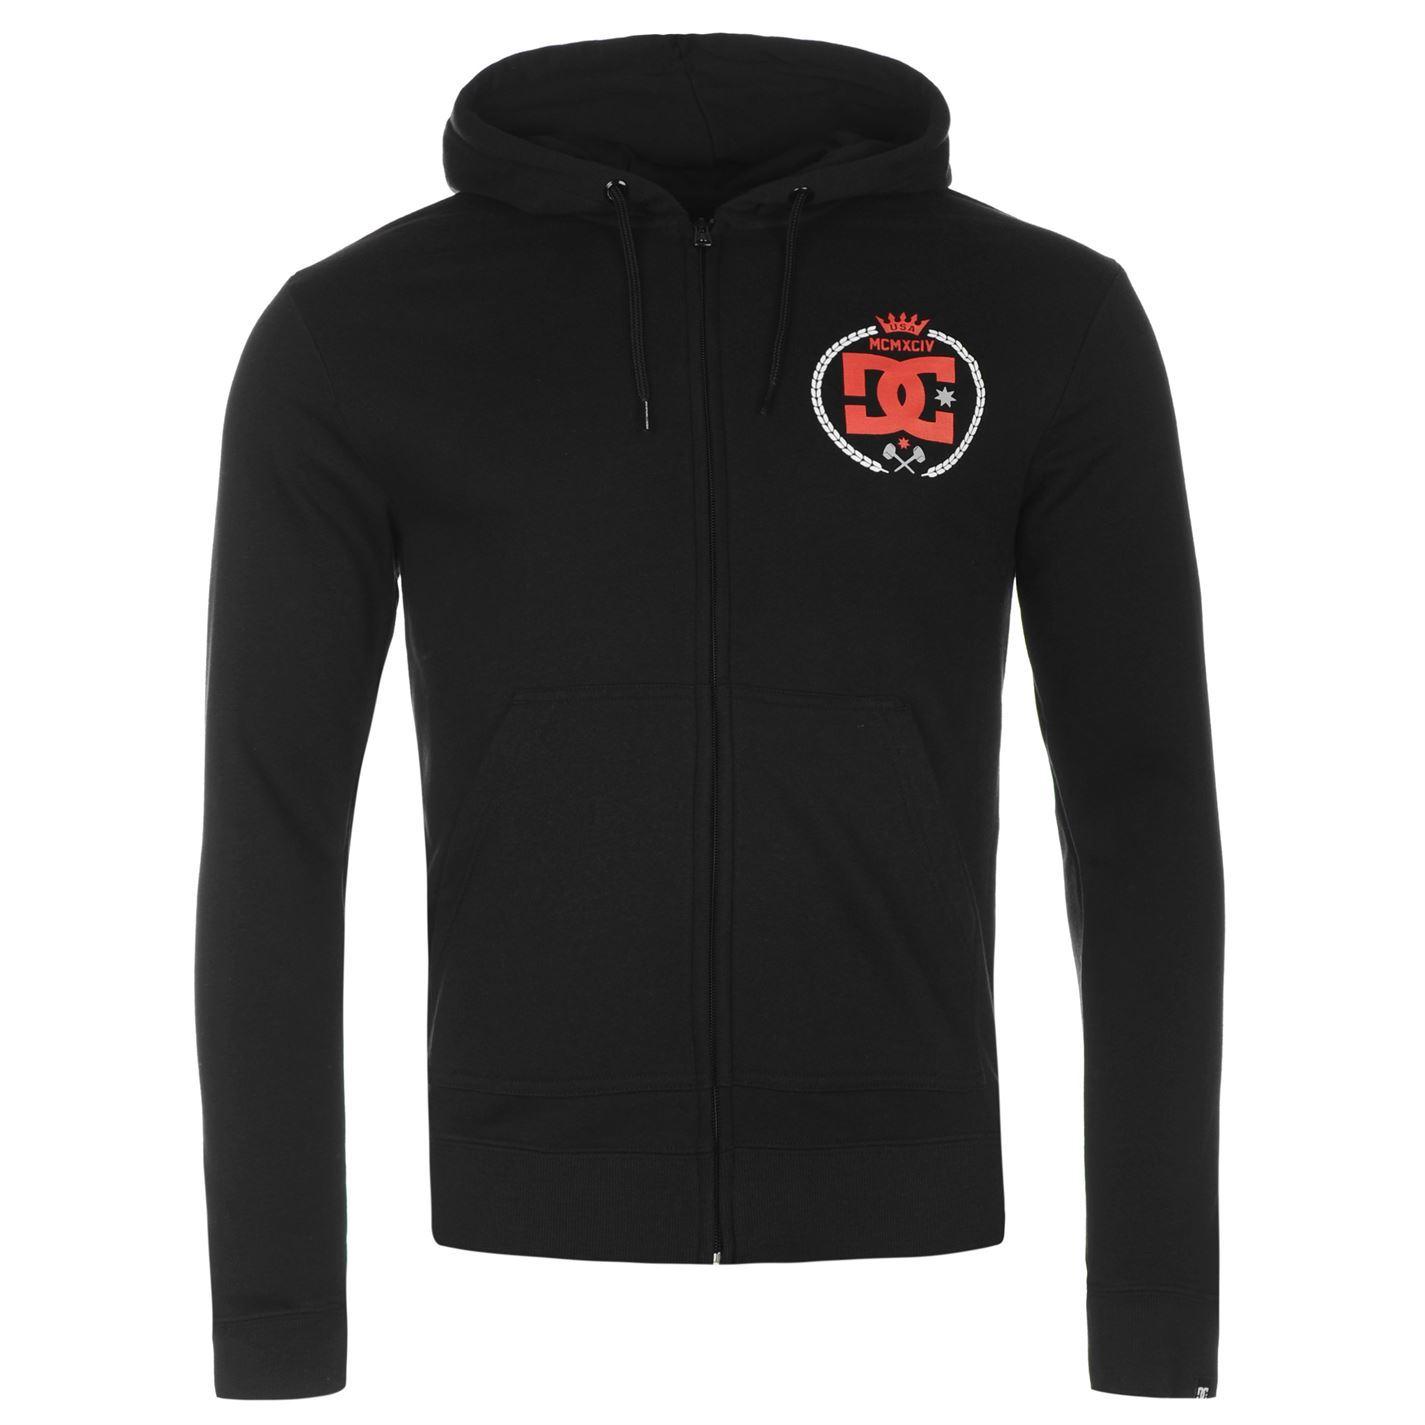 DC-Shoe-Co-Sledge-Full-Zip-Hoody-Jacket-Mens-Hoodie-Sweatshirt-Sweater-Top thumbnail 3